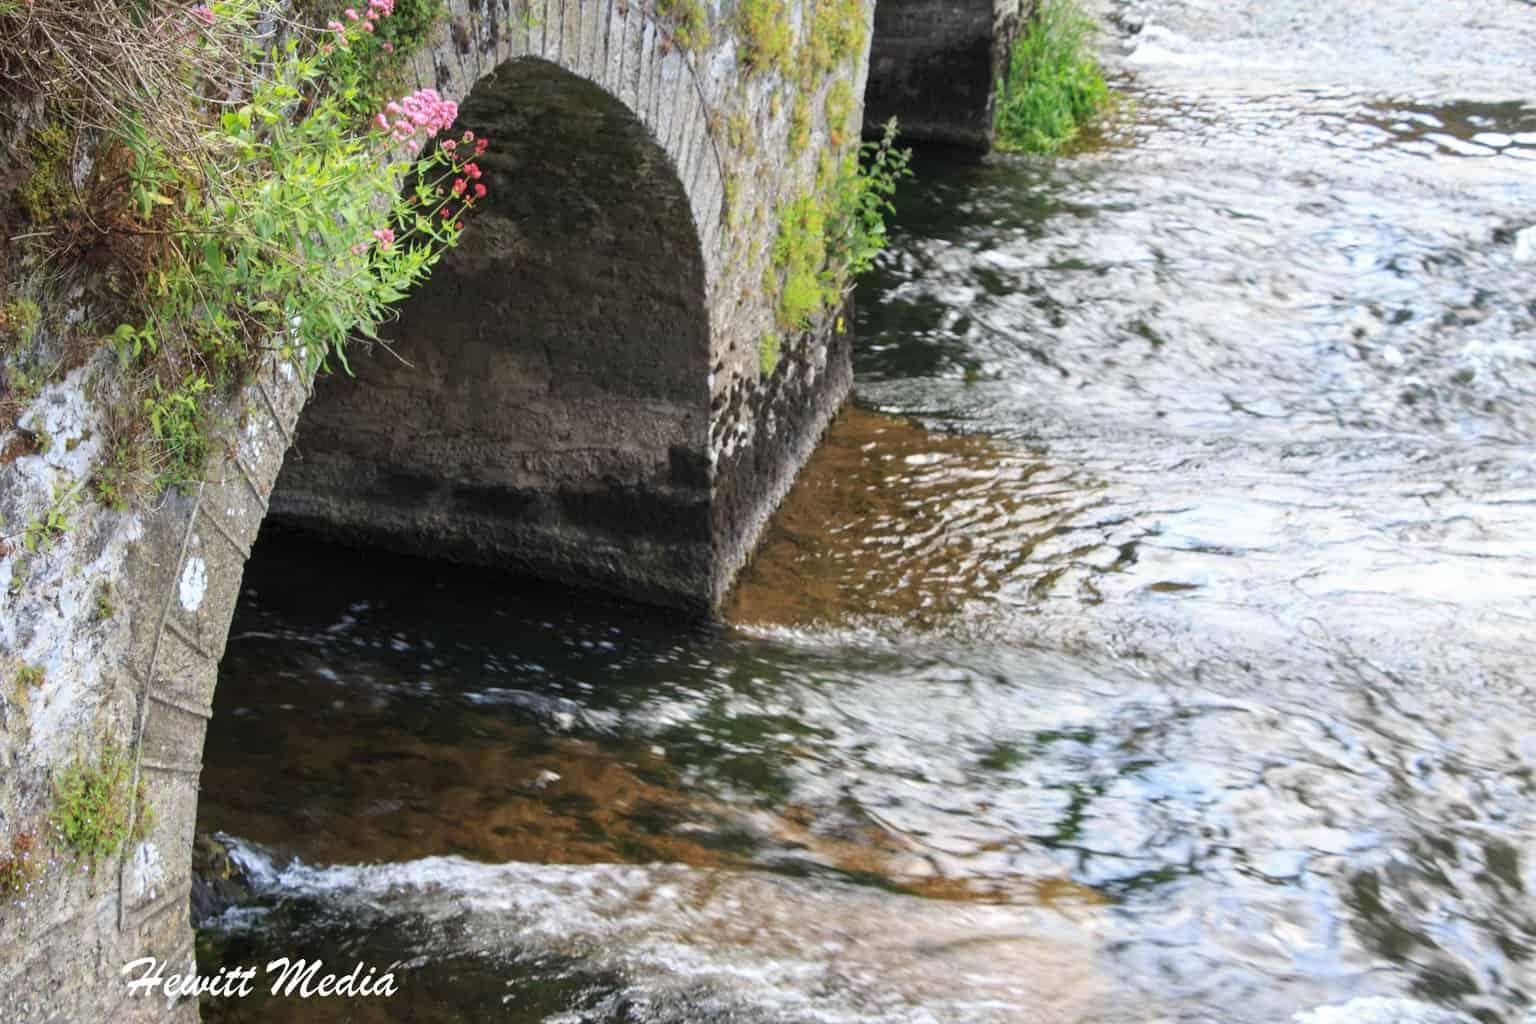 The bridge across the river